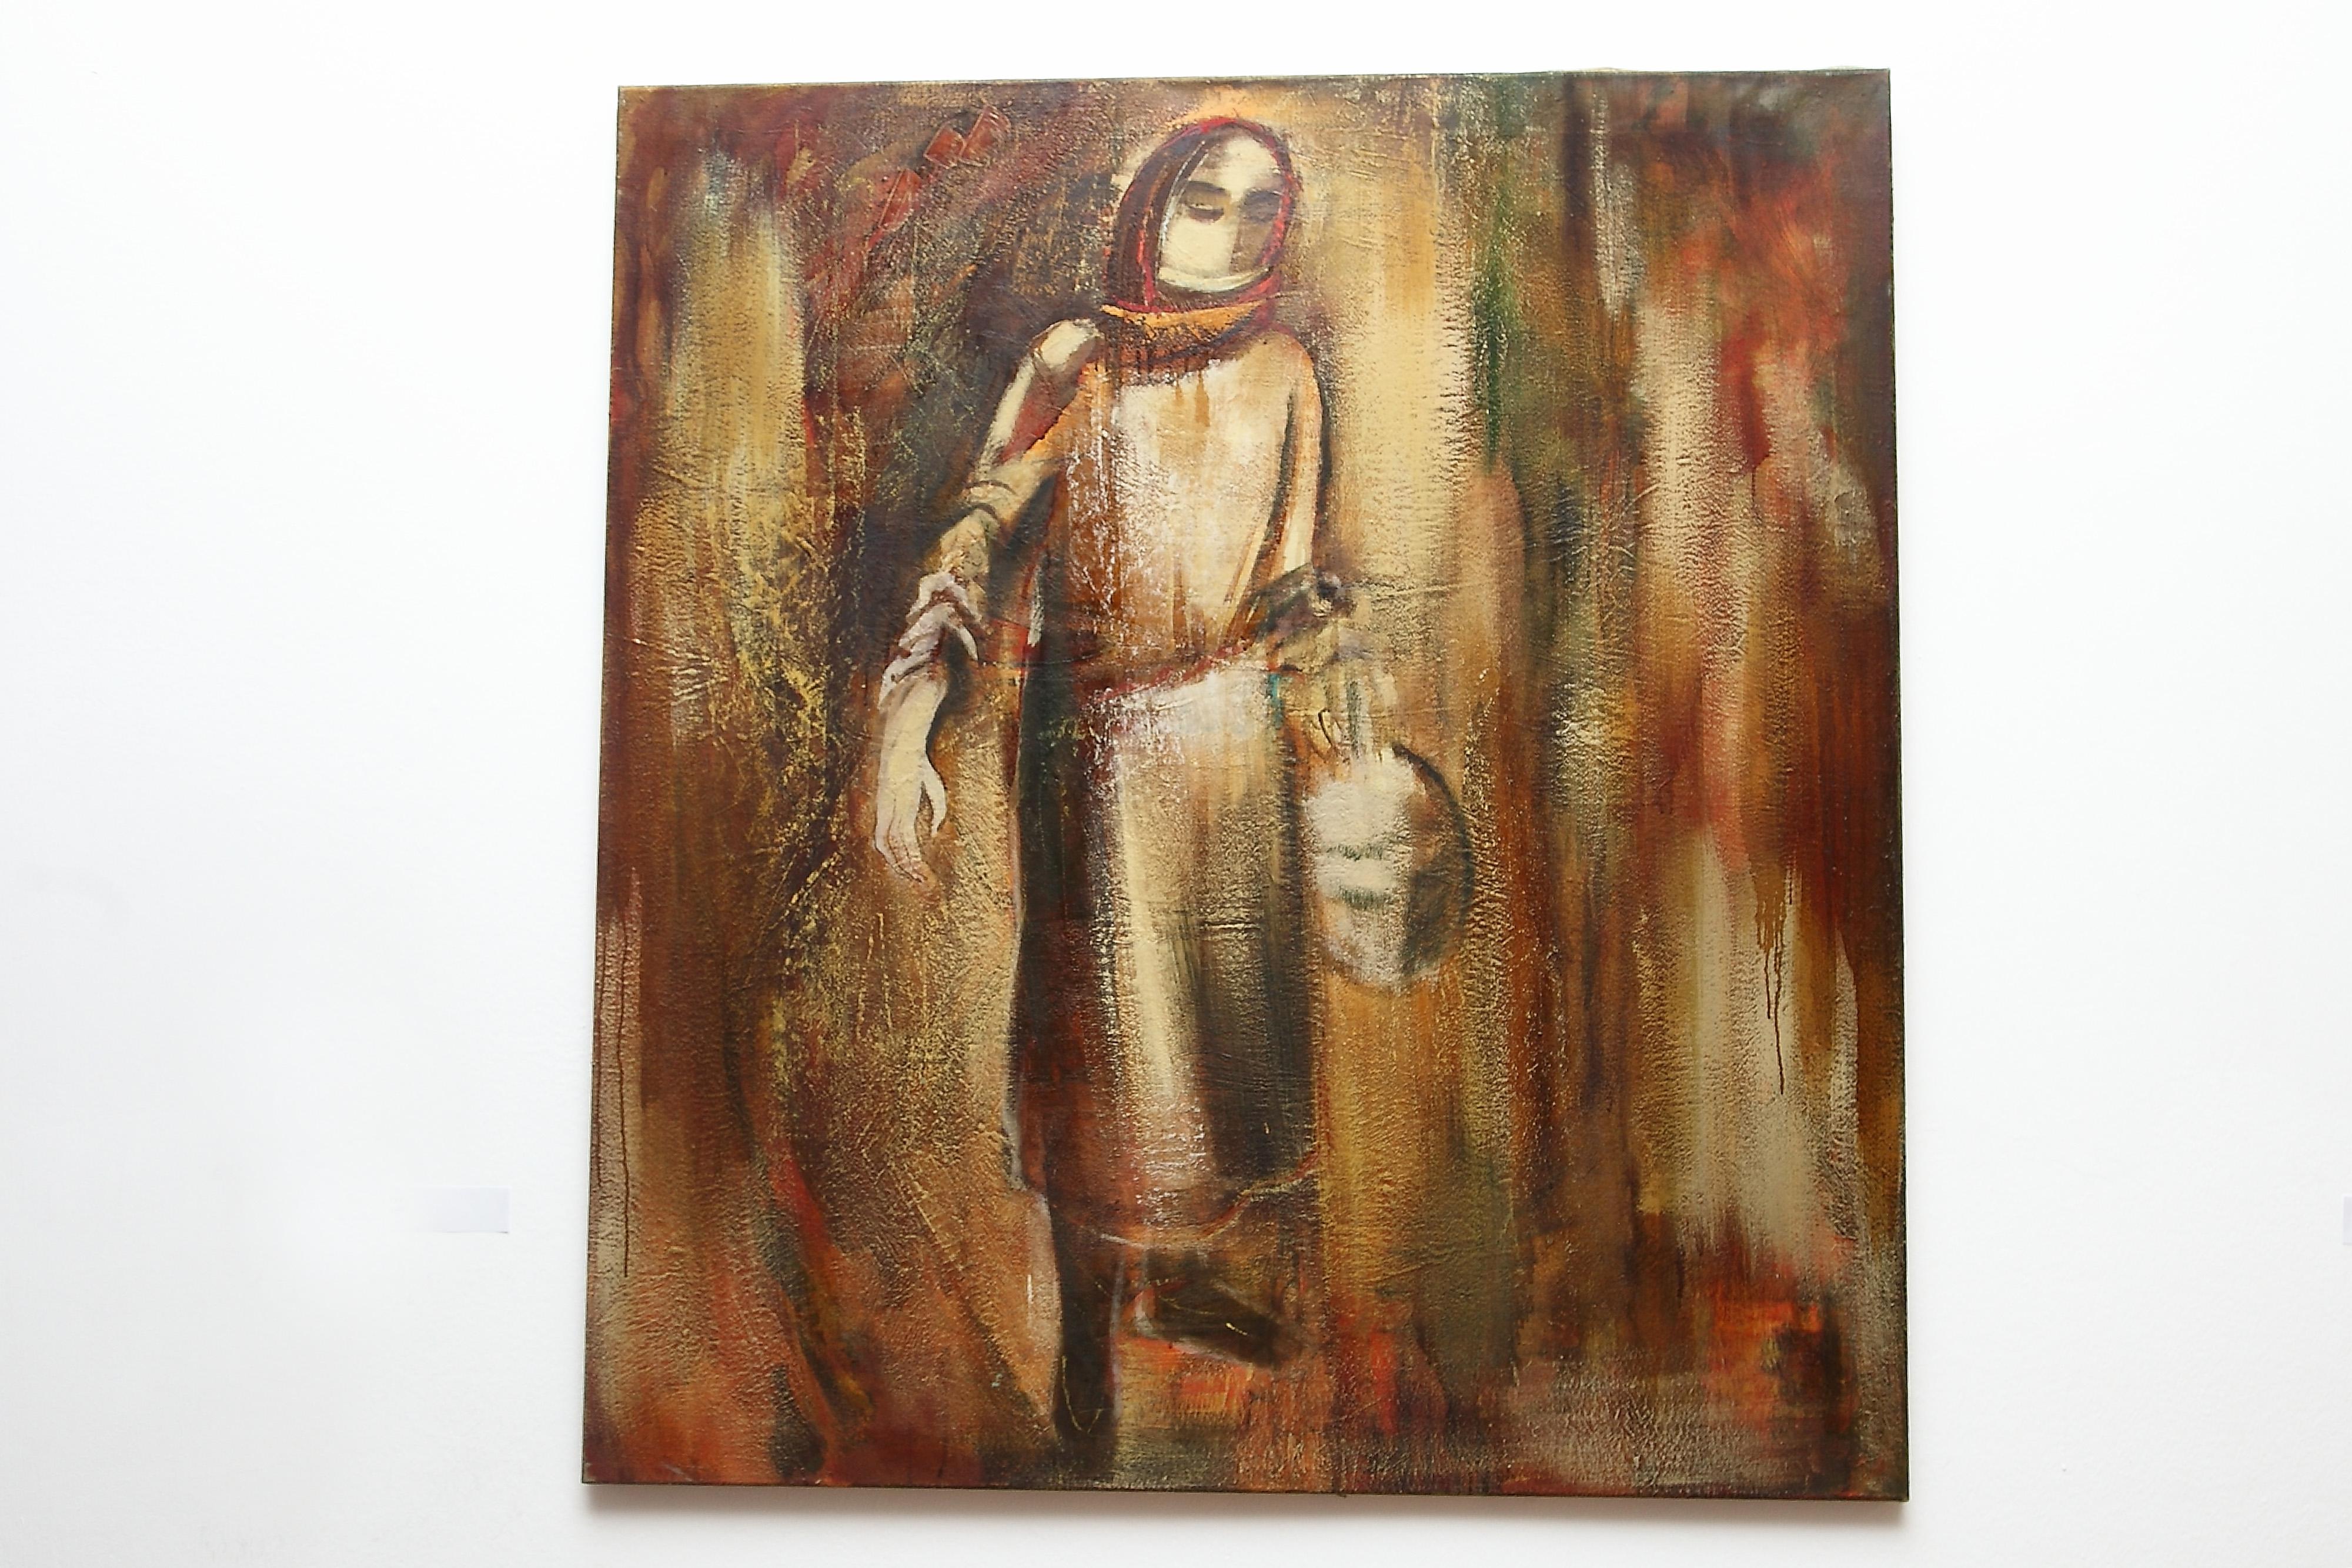 роднику 2007 х.м. 120х110 - To the spring, 120x110, oil on canvas, 2007